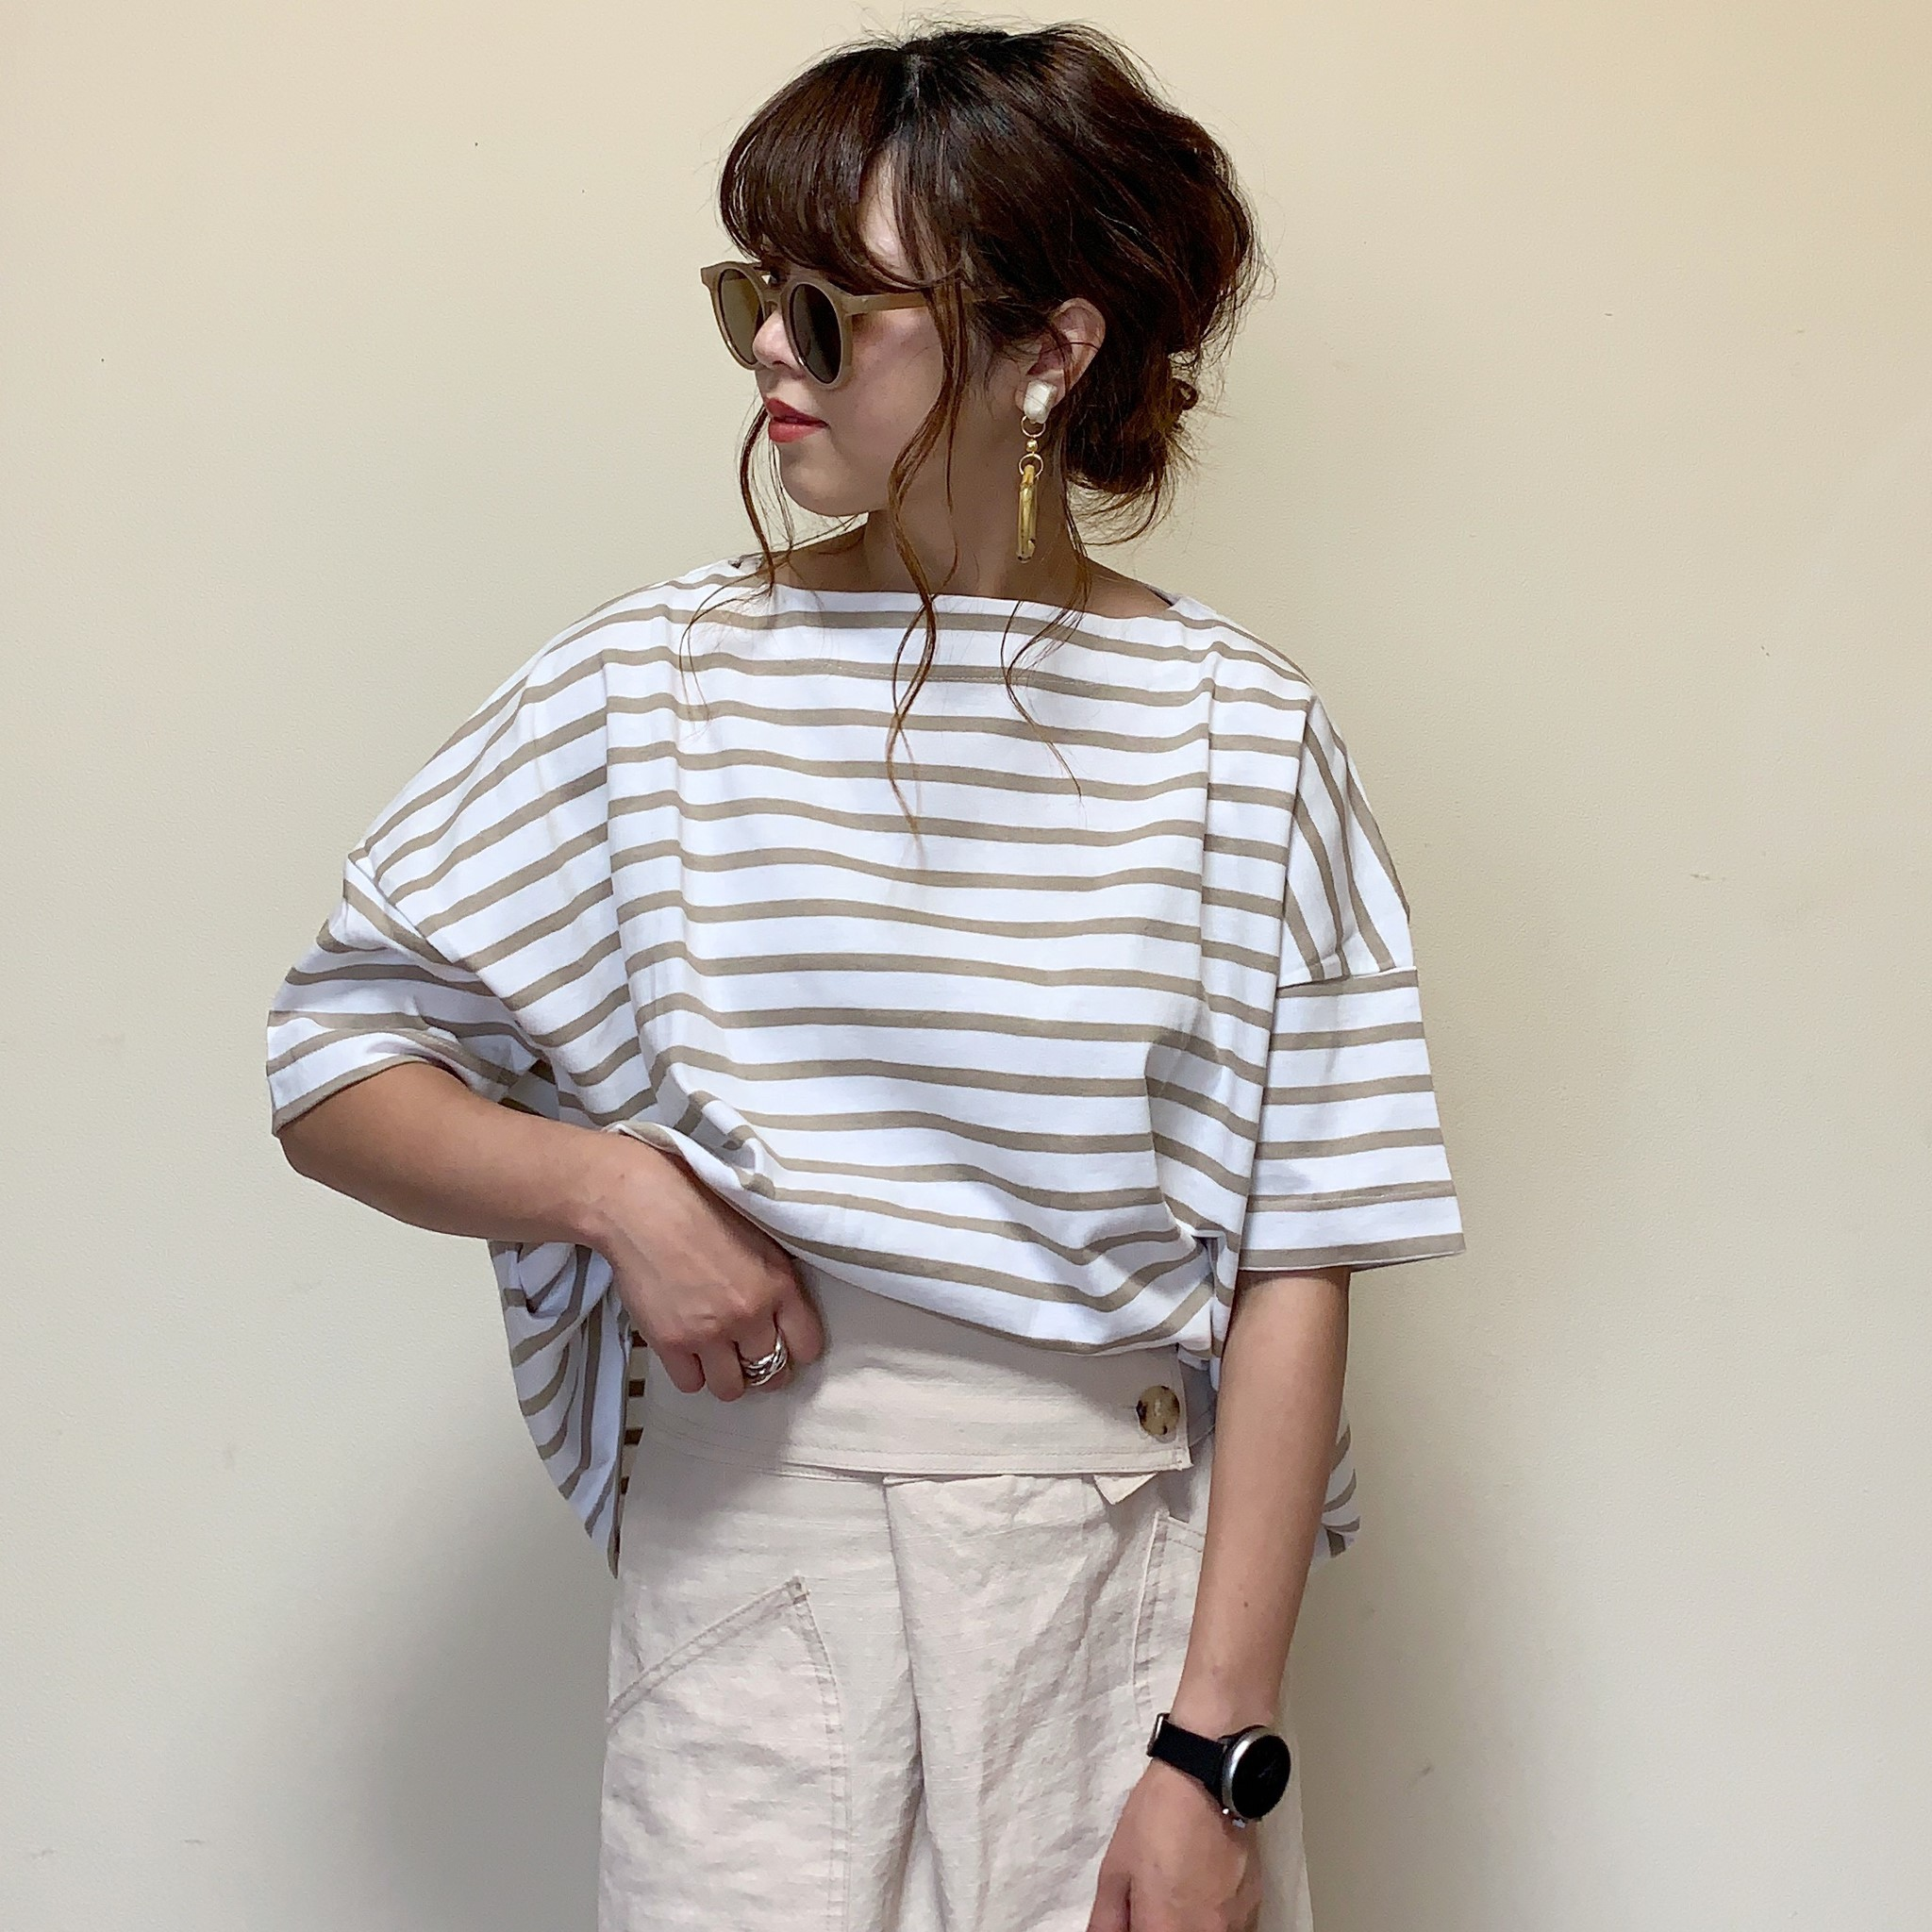 新入荷!Mii select ビッグシルエット バスクボーダーTシャツ